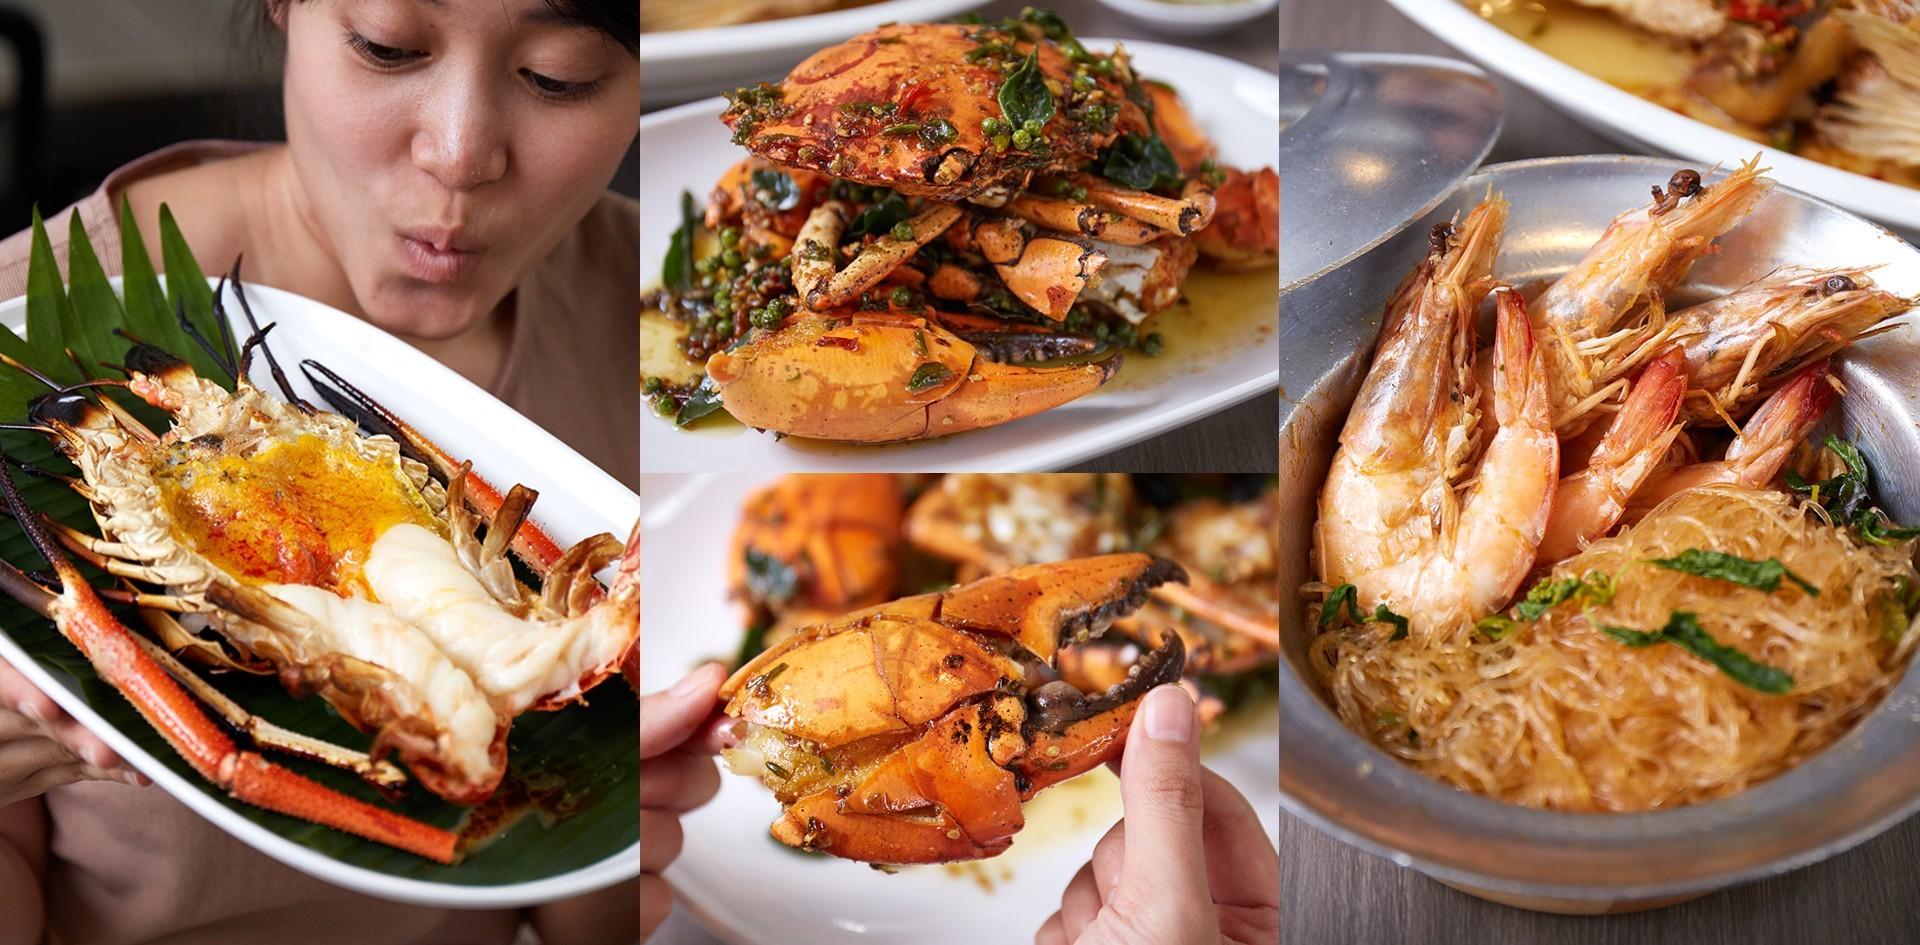 """อาหารทะเลรสชาติไทยแท้สุดจัดจ้านที่ """"กุ้งทอง ซีฟู้ด"""" สดใหม่สะเทือนลิ้น!"""